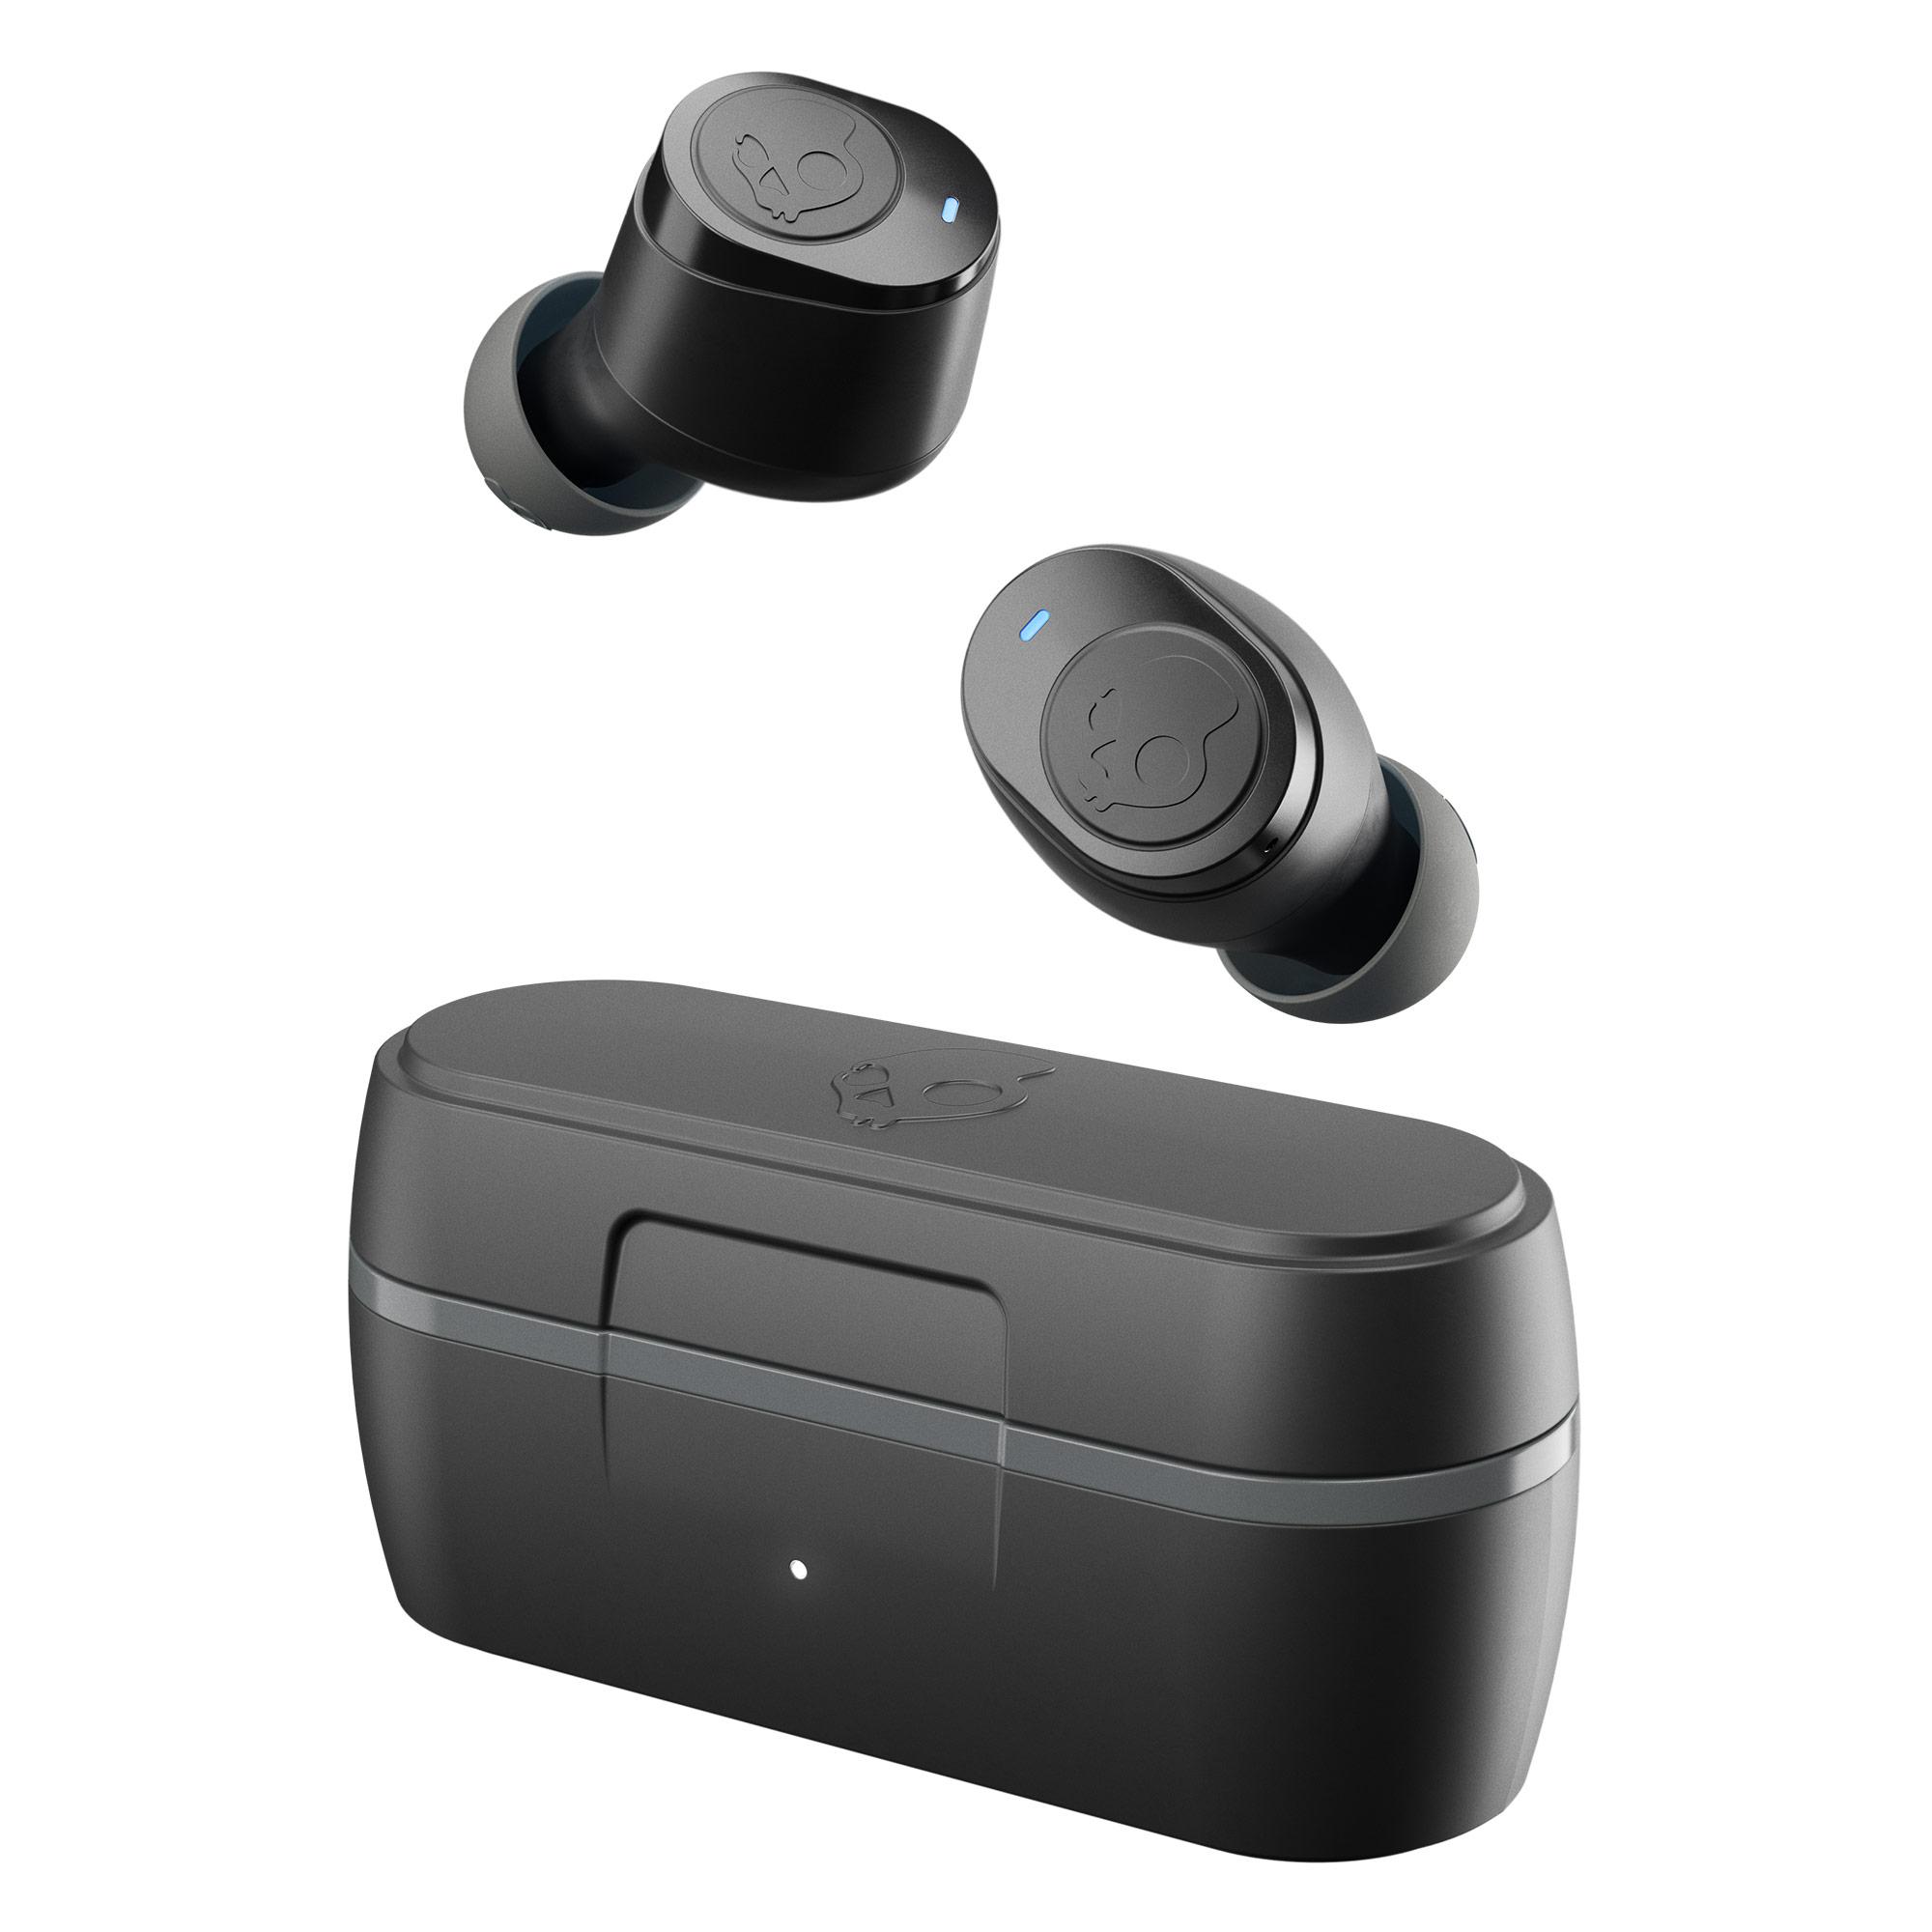 Sản phẩm mới - Tai nghe Jib True Wireless - Pin 22 tiếng - Hàng Chính Hãng